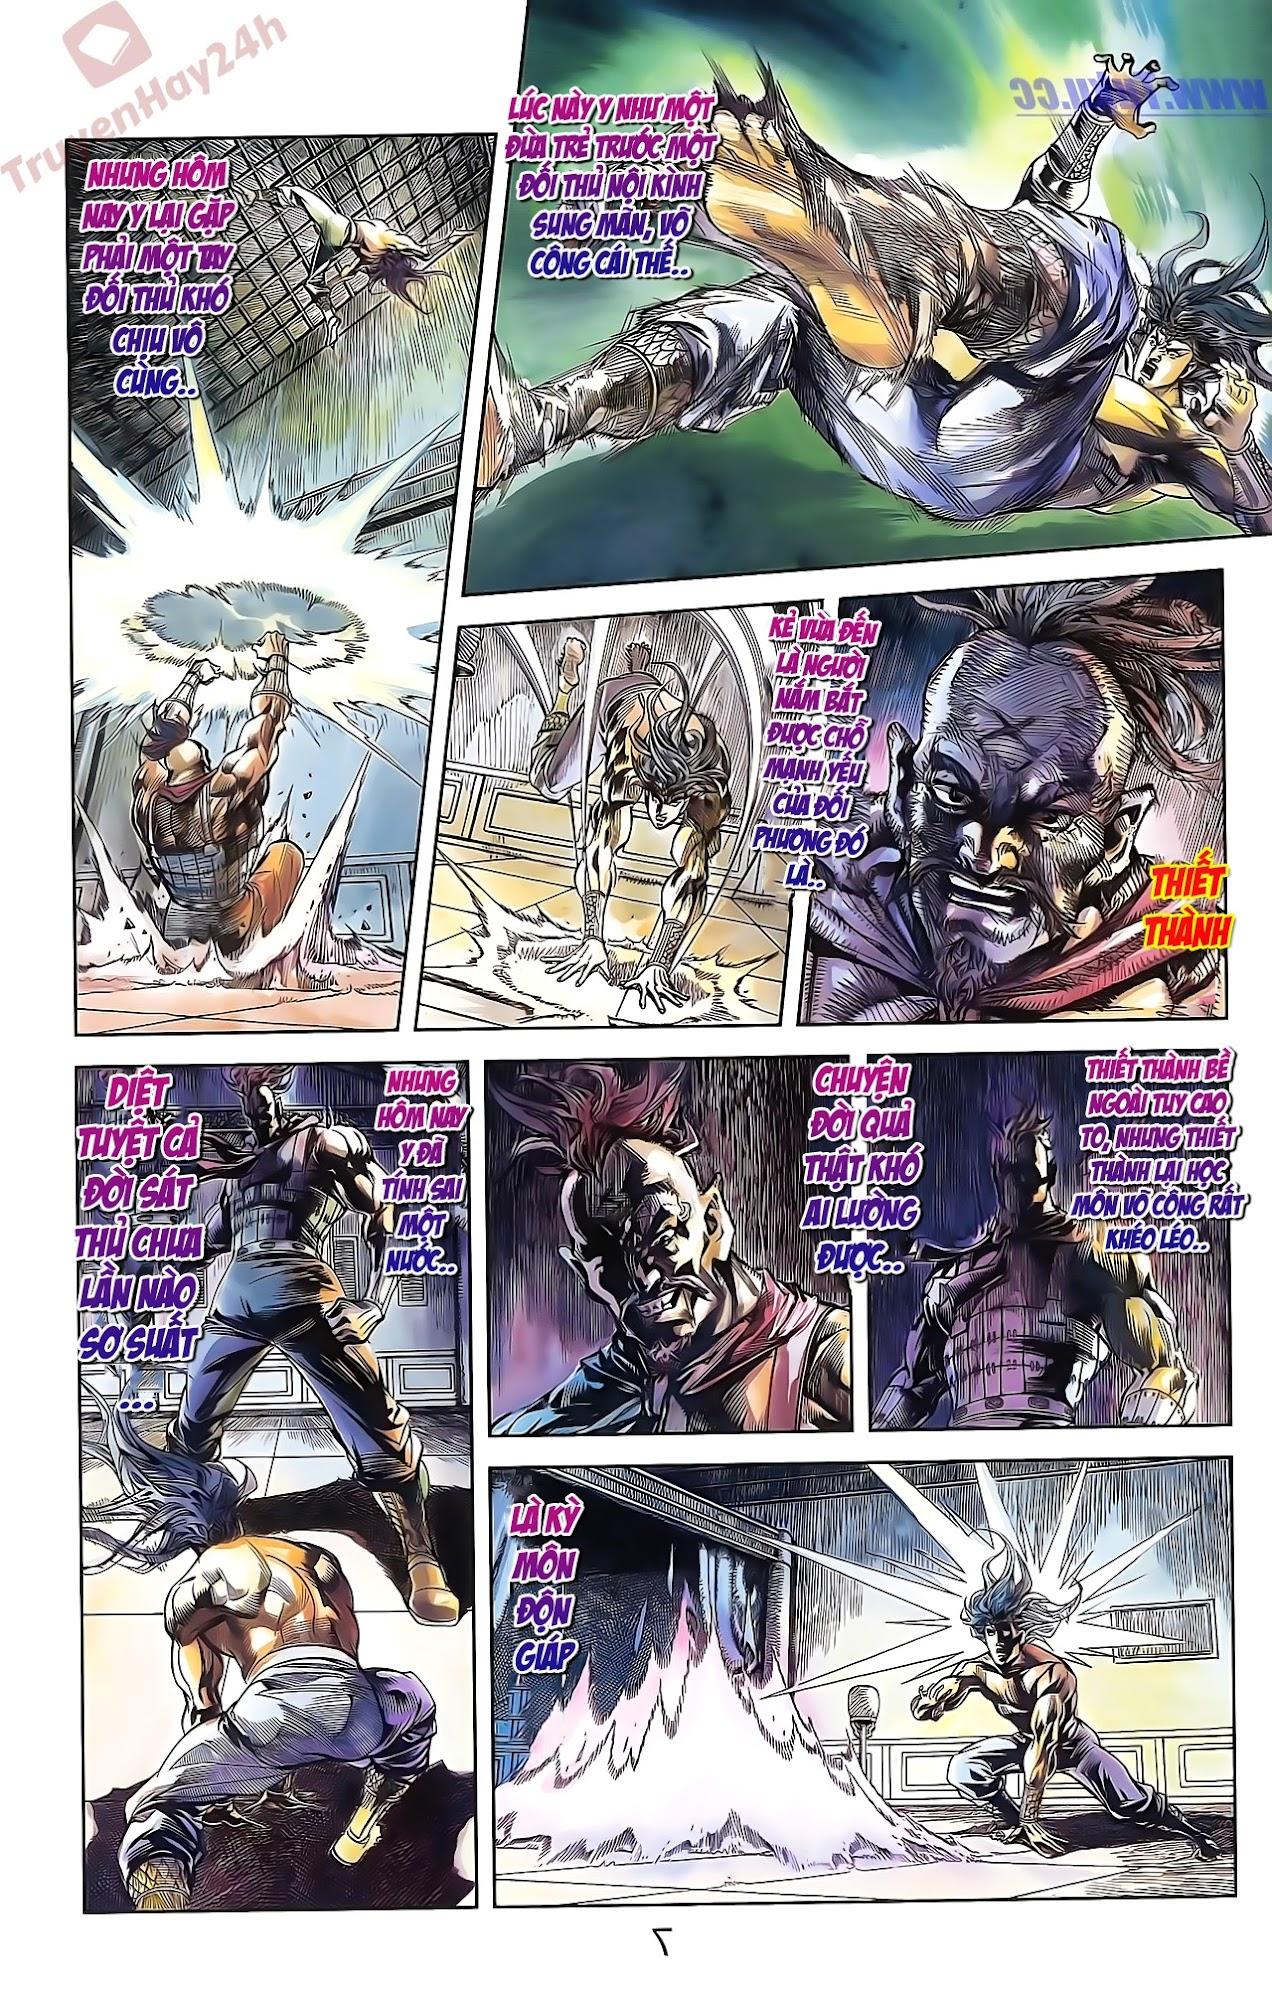 Tần Vương Doanh Chính chapter 50 trang 7